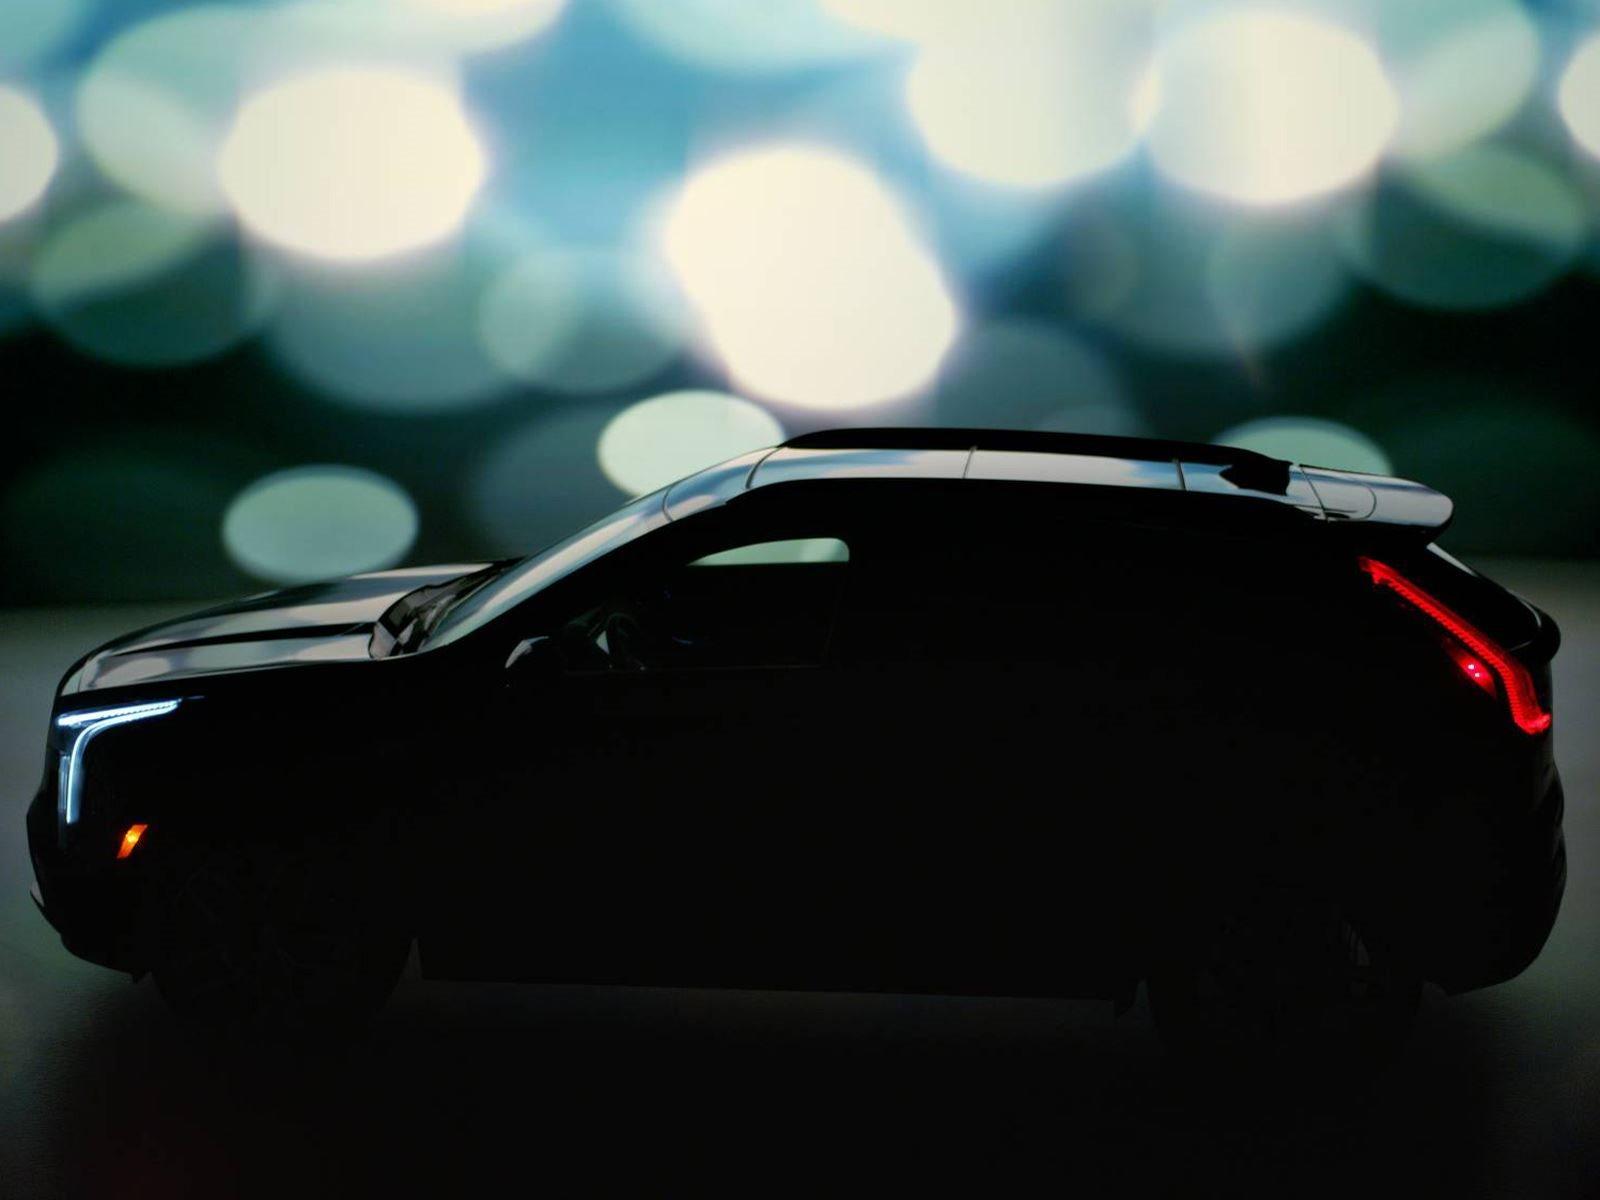 Bruno Mars Cadillac >> Car AncestryTEASER: Cadillac XT4 - Car Ancestry